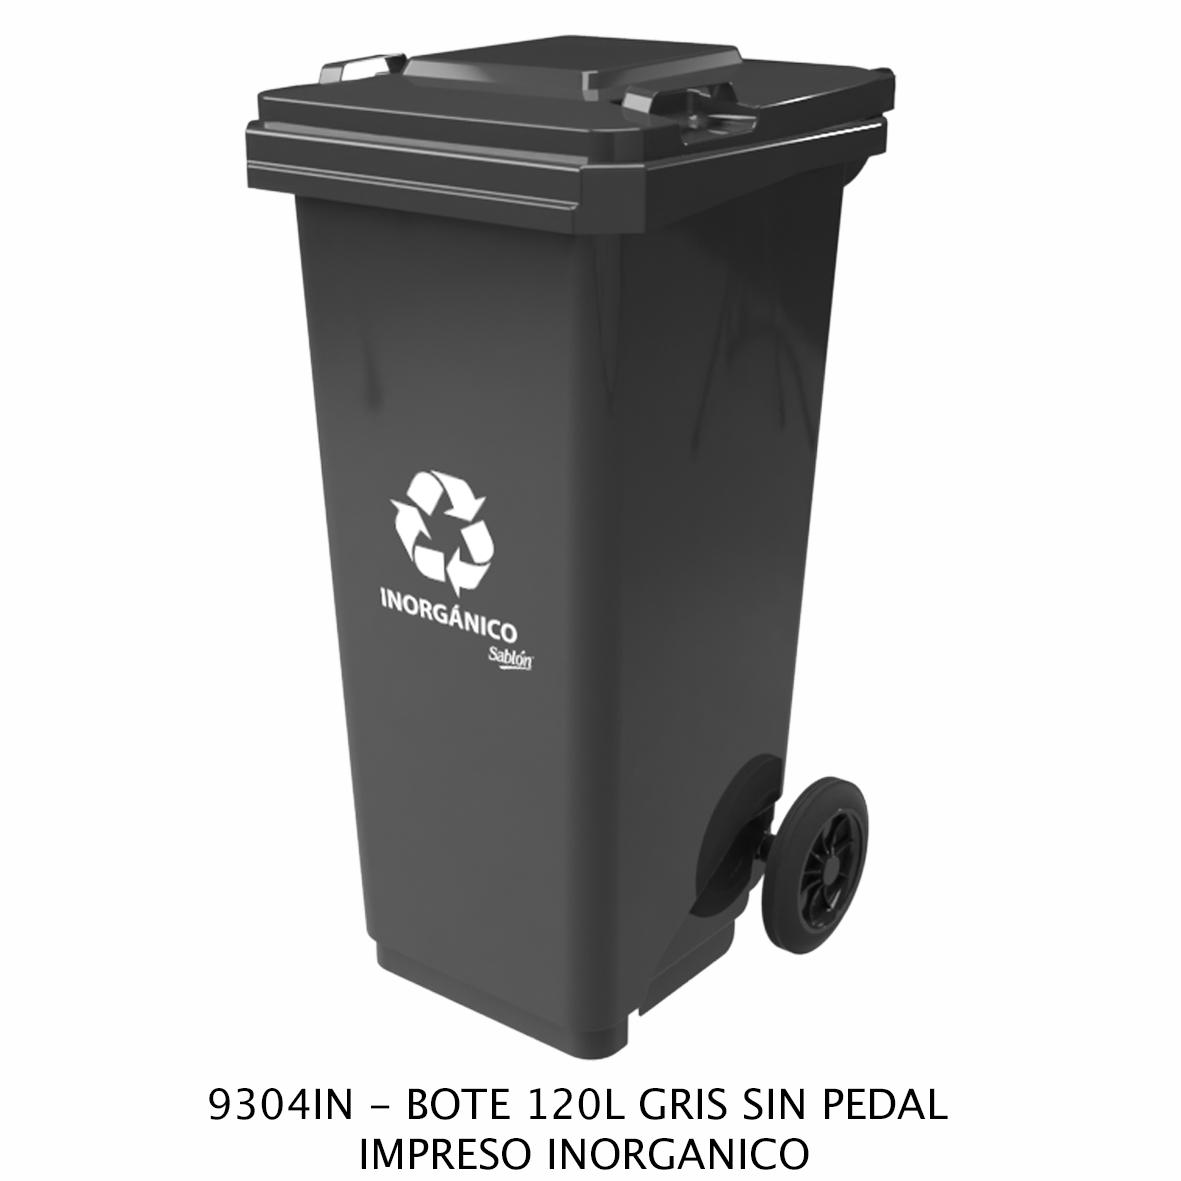 Bote de basura de 120 litros sin pedal con impreso inorgánico color gris modelo 9304IN de Sablón